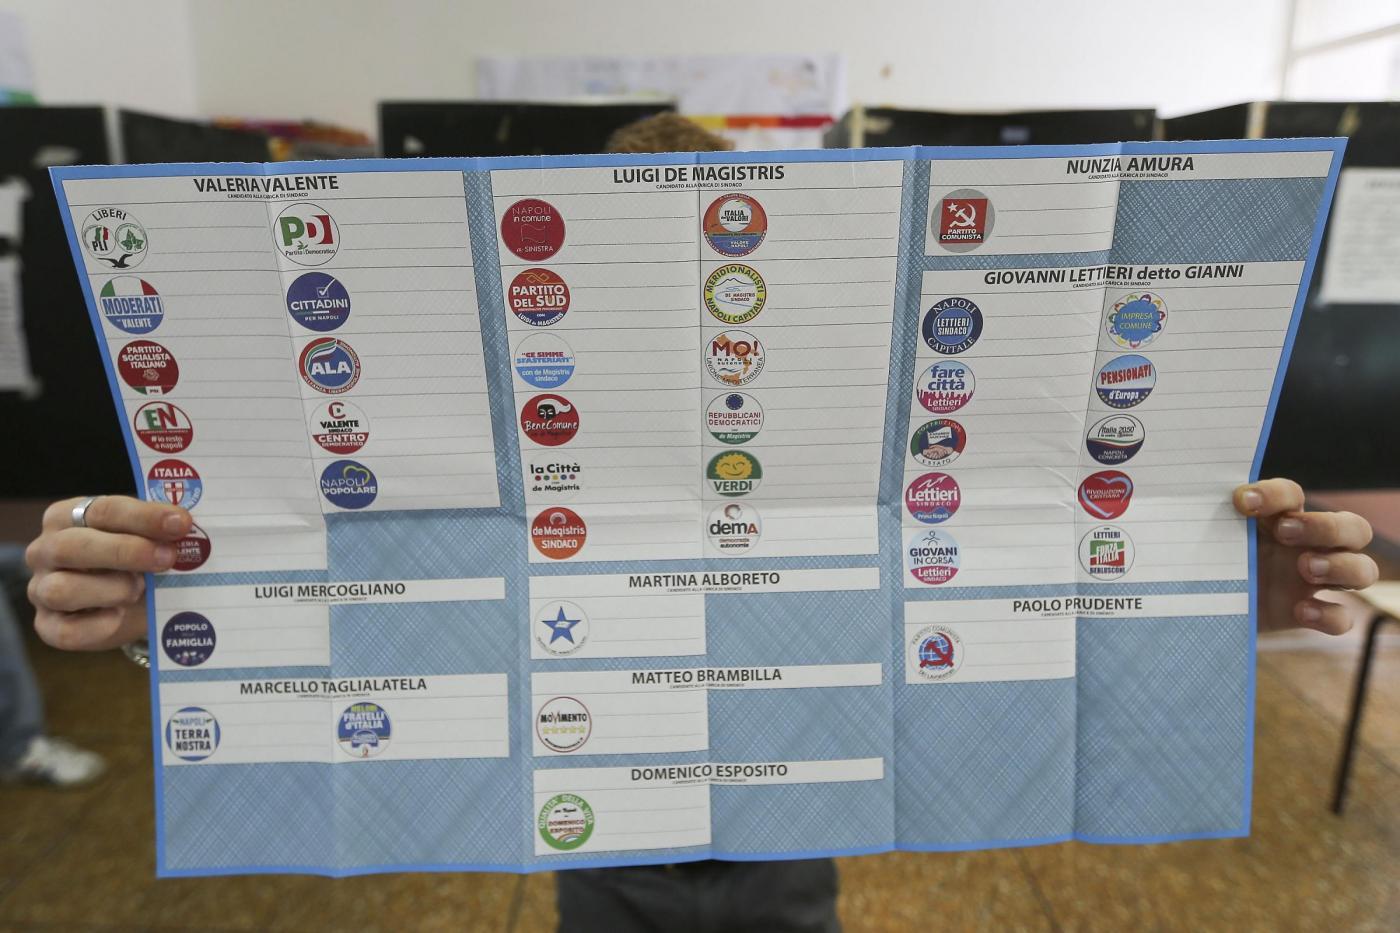 Elezioni Comunali 2016 Napoli: le irregolarità nei seggi